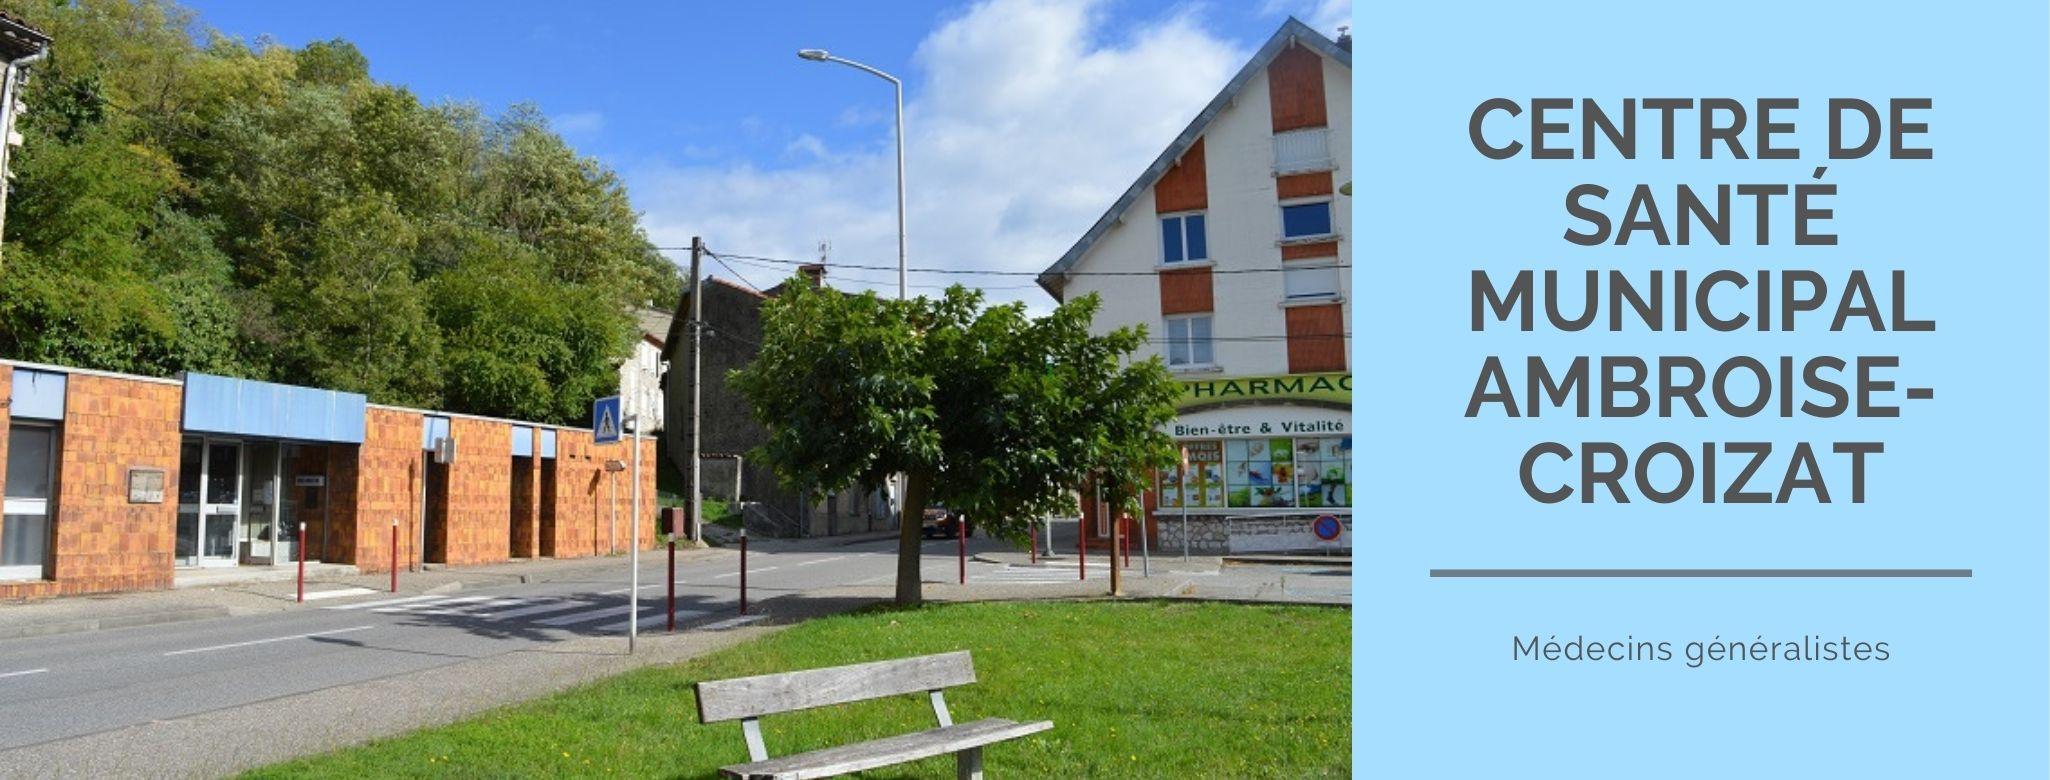 Centre de santé municipal.jpg